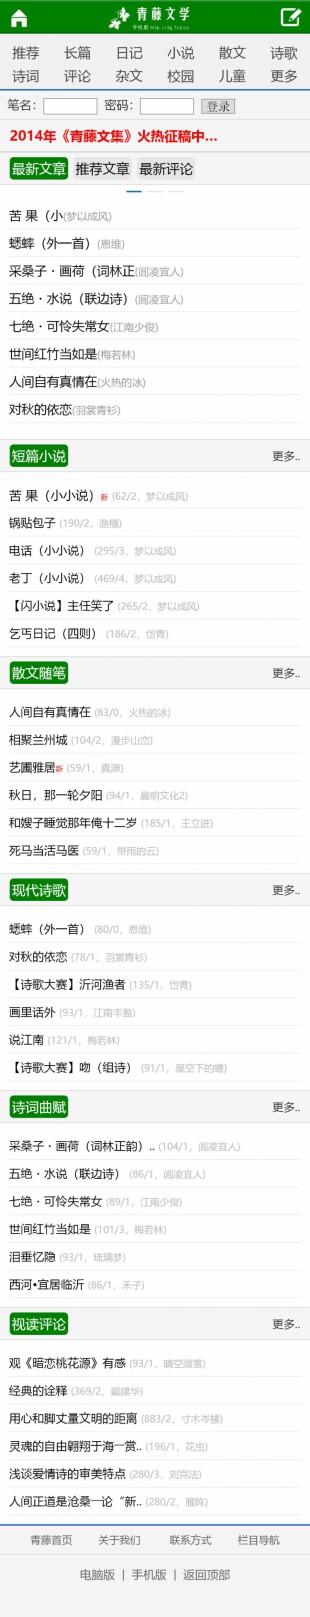 文学手机wap小说网站模板首页制作手机图片